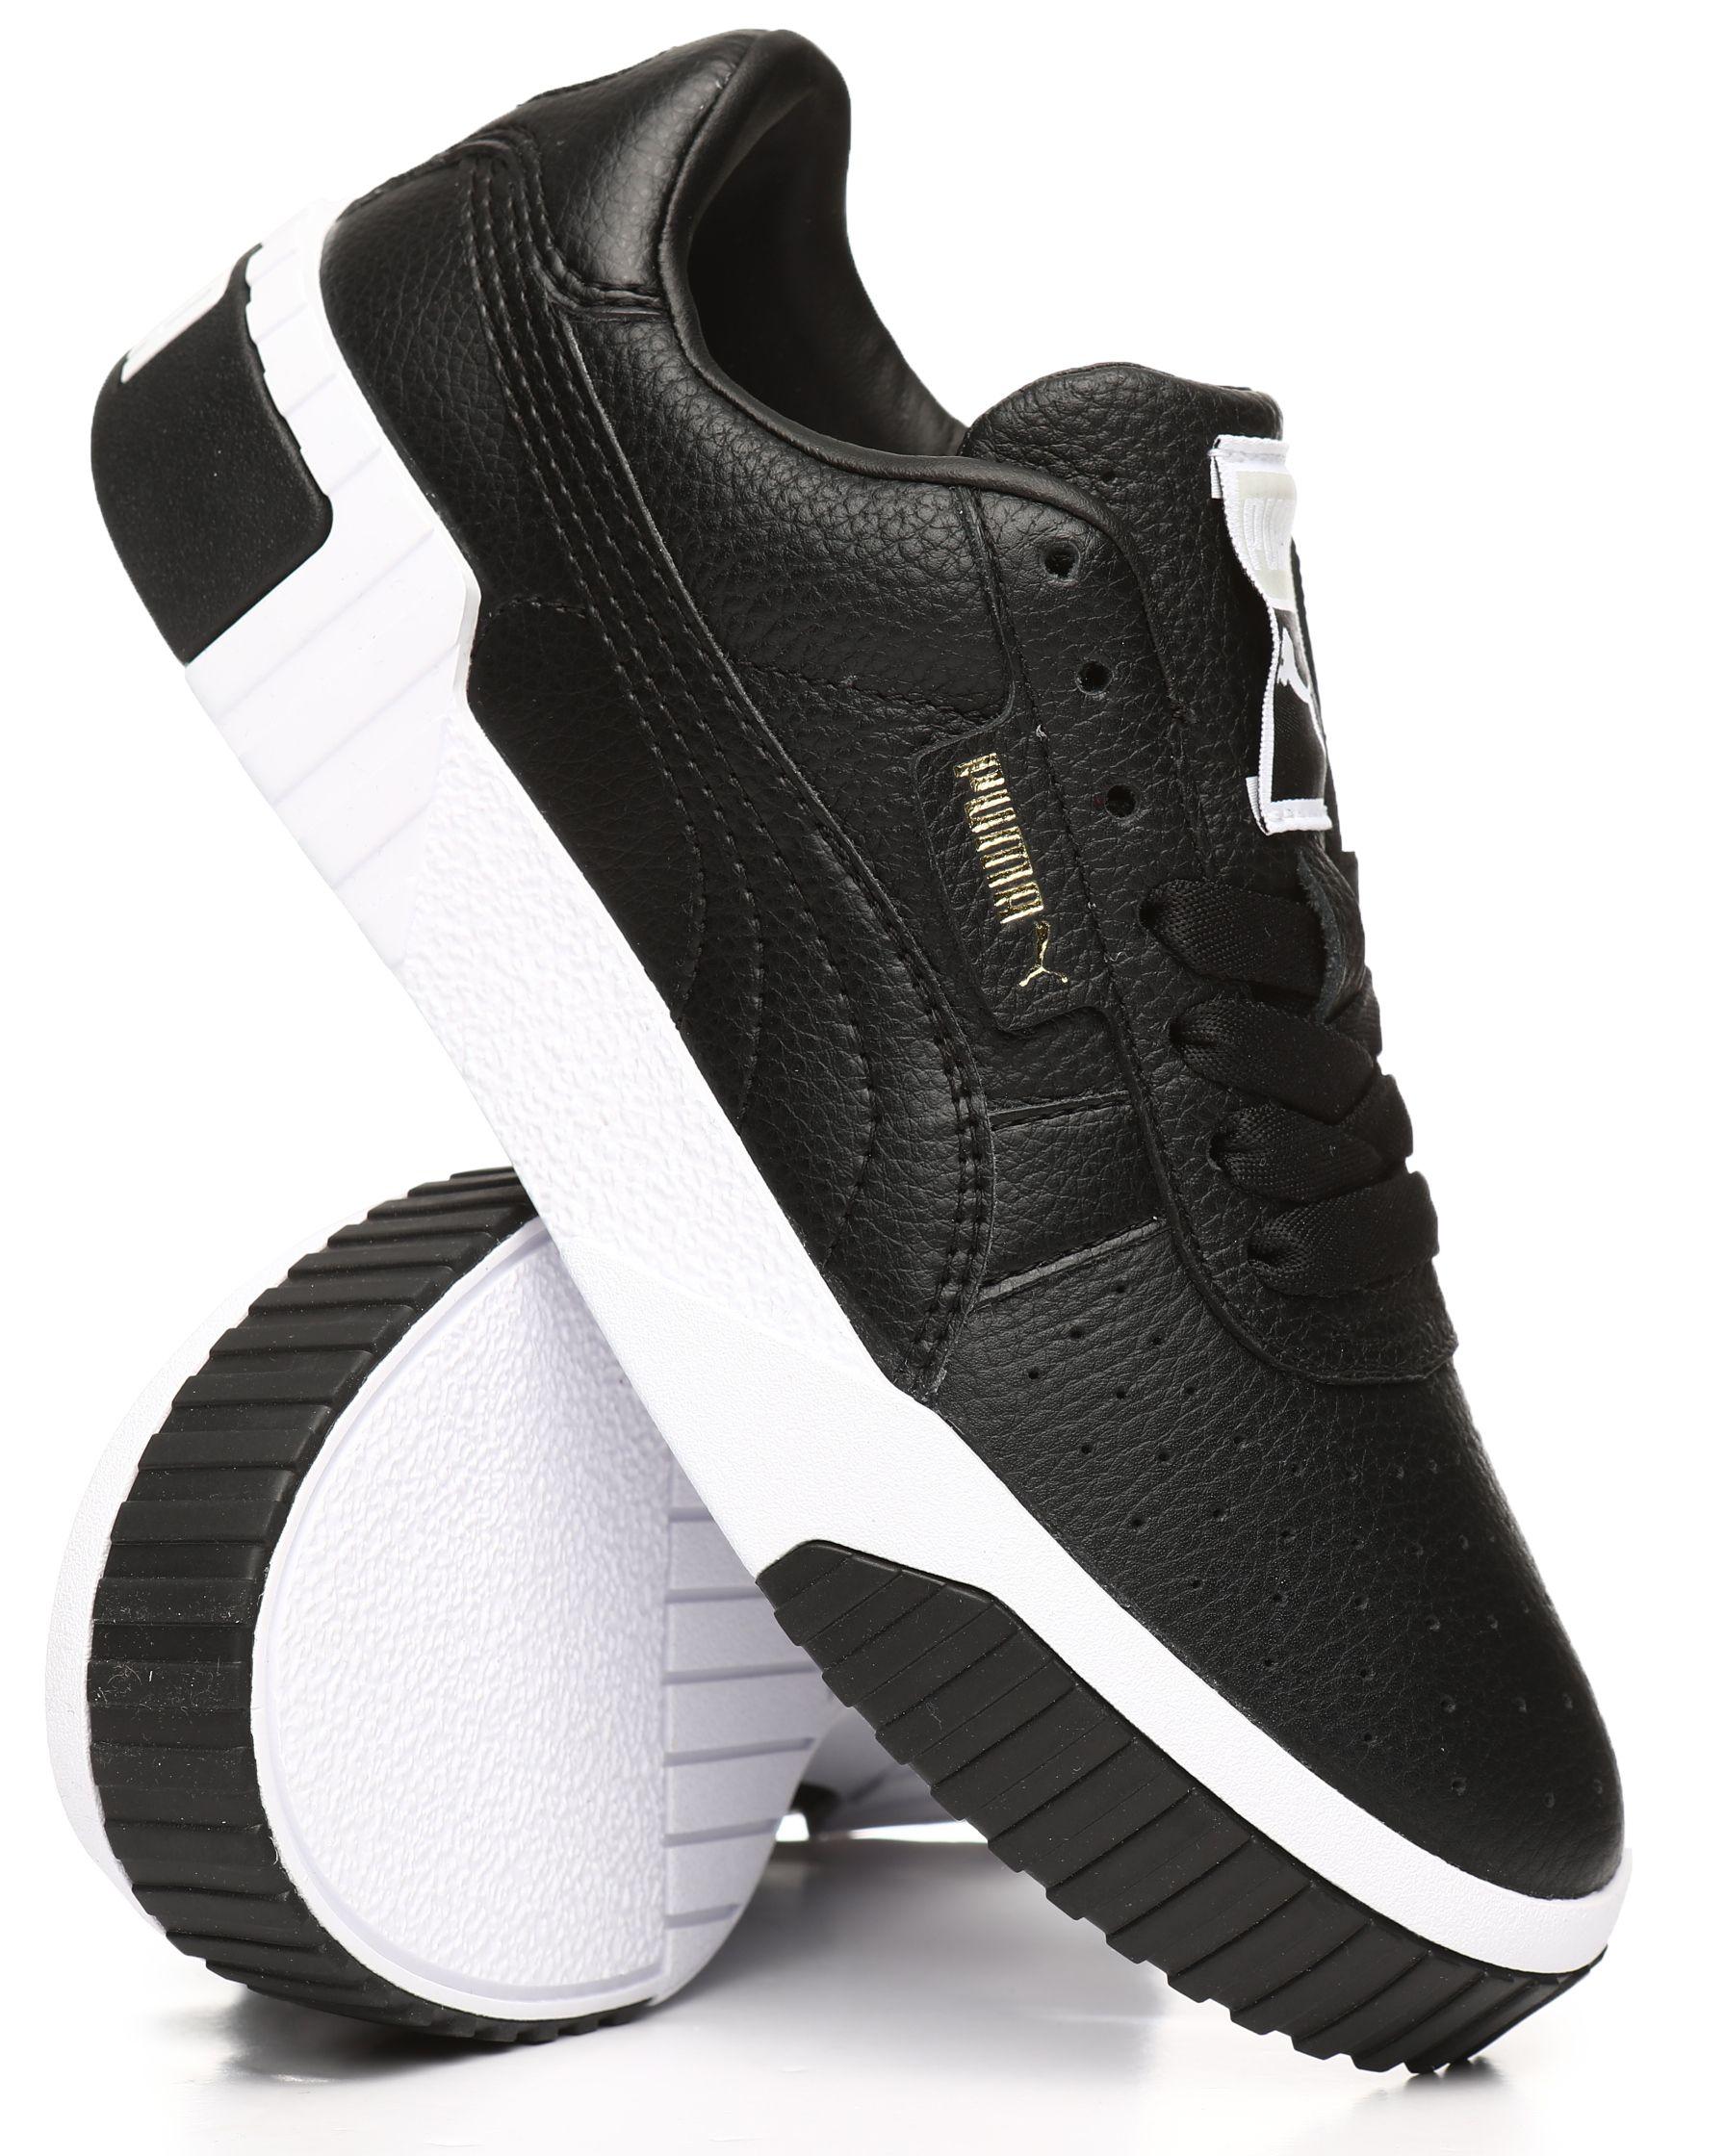 1d662258a21875 Cali Sneakers Women s Footwear from Puma at DrJays.com